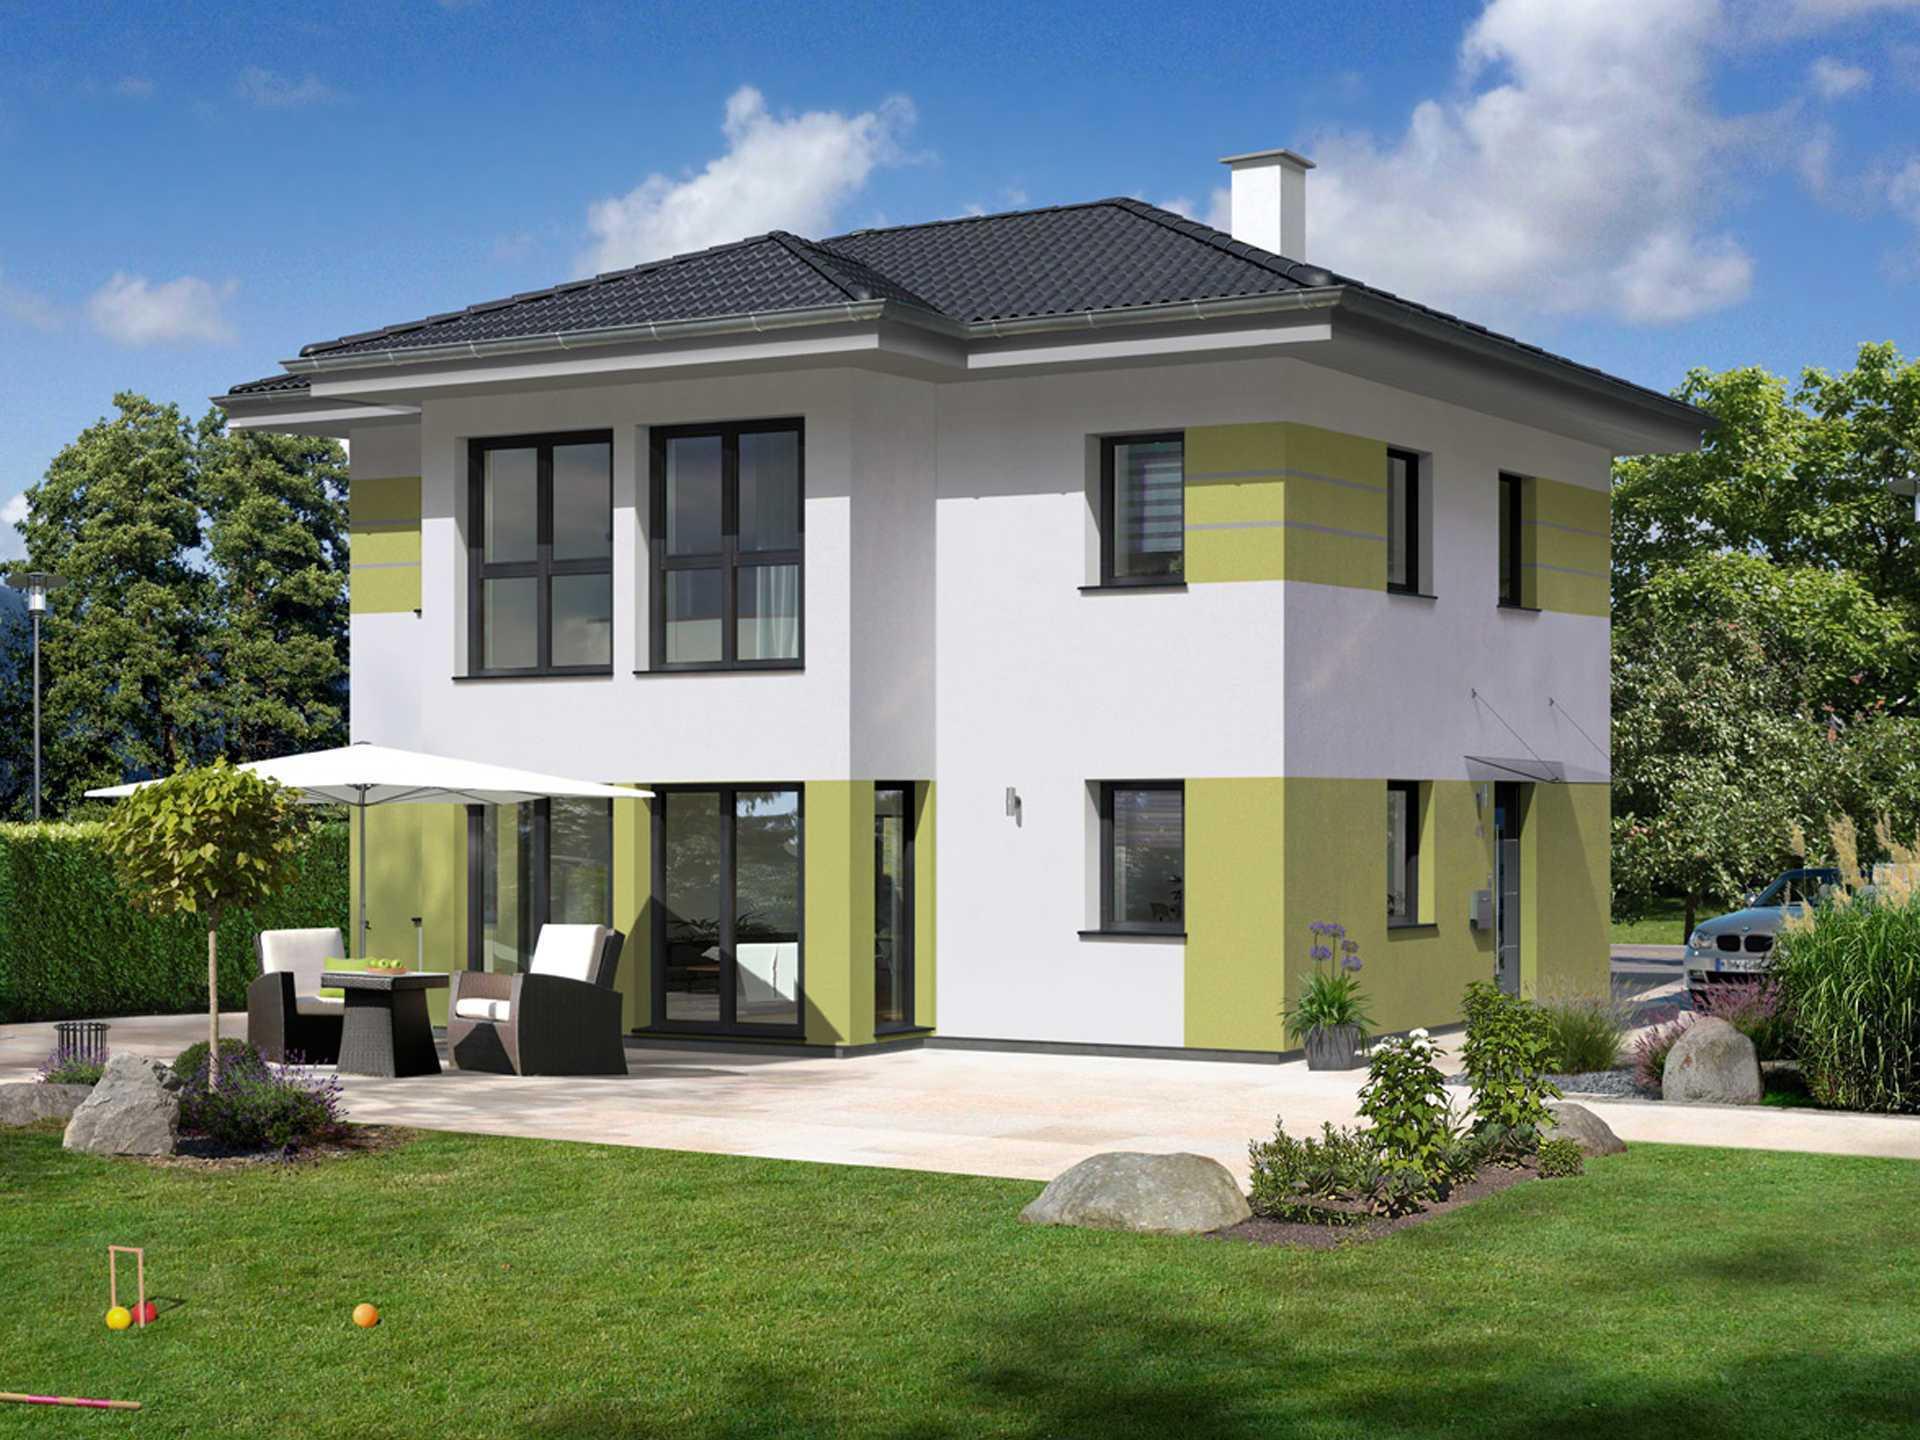 Stadtvilla trend 140 w hartl haus holzindustrie for Stadtvilla zweifamilienhaus